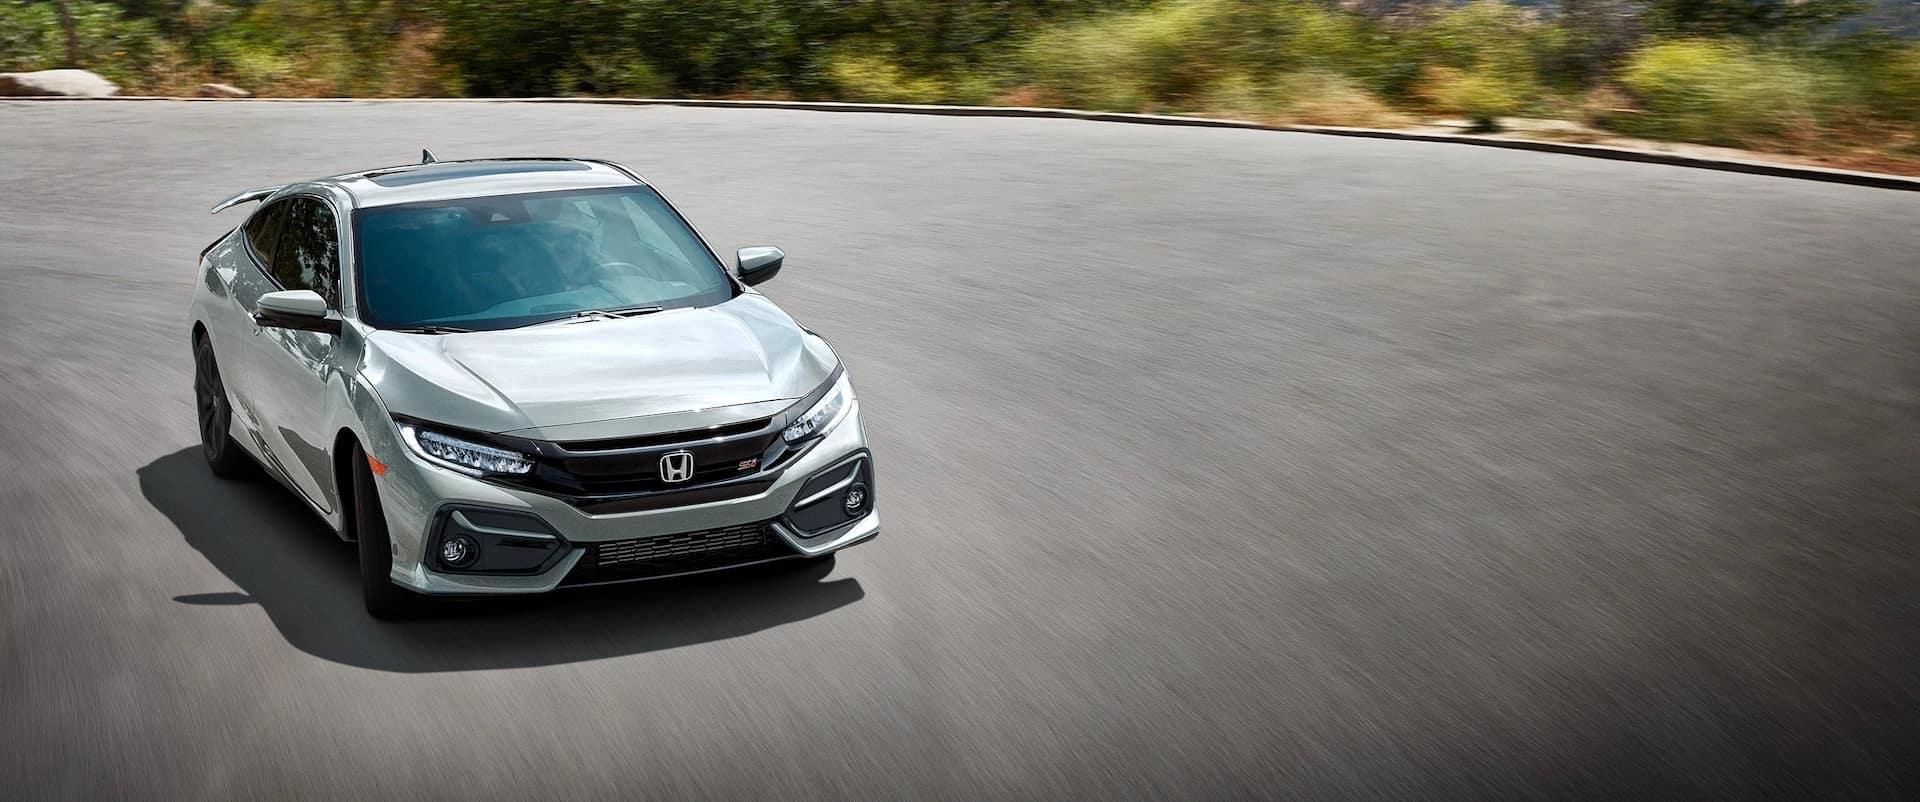 Honda_Civic_Si_Silver_Driving_Country_Road